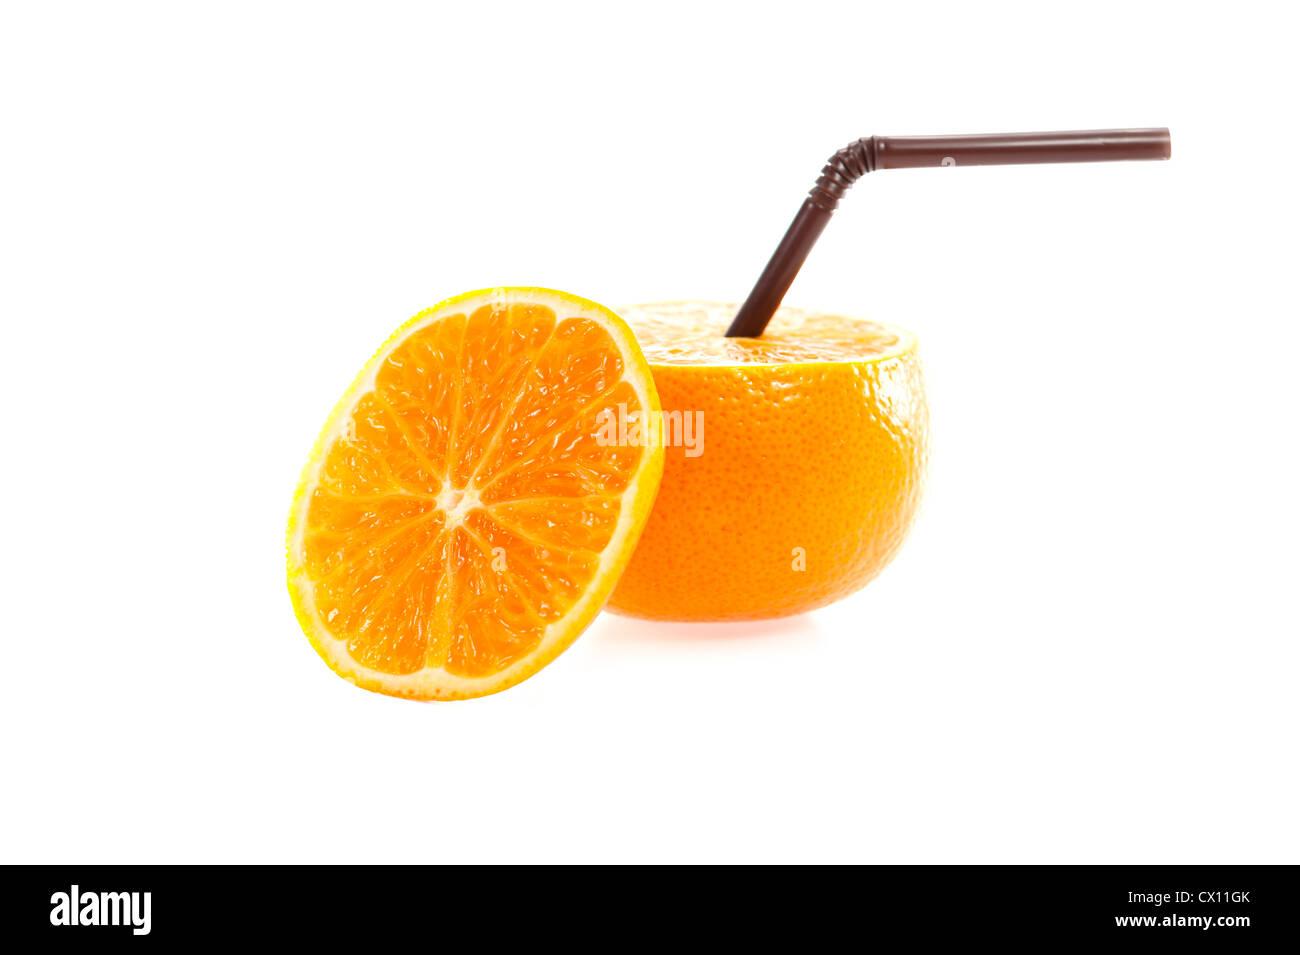 Orange with straw on white background isolate - Stock Image